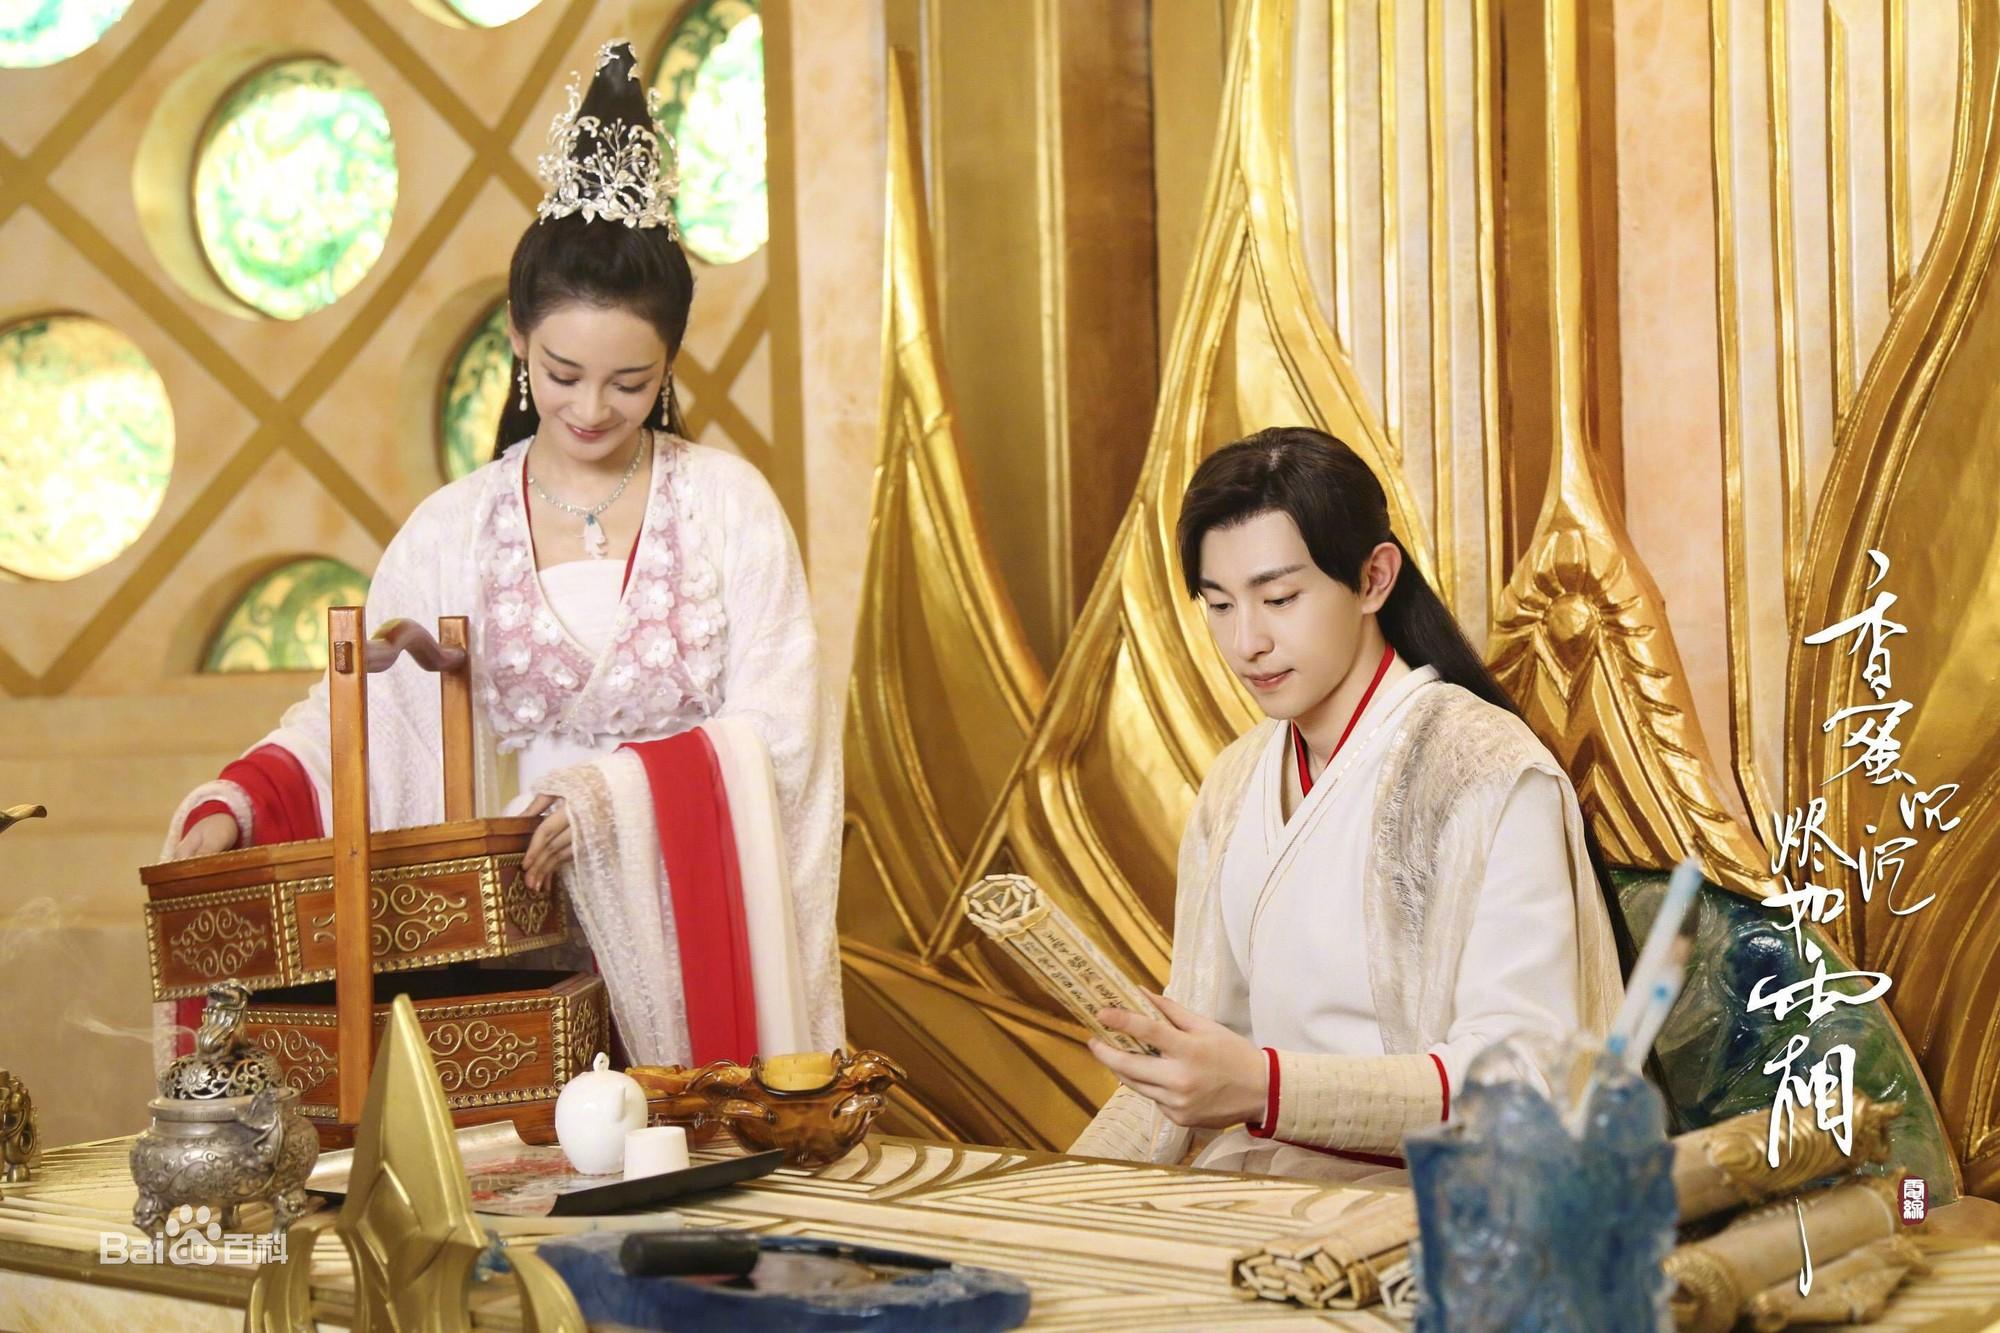 8 dự án truyền hình chuyển thể kỳ ảo xứ Trung đáng mong đợi trong năm 2018 (P.1) - Ảnh 4.